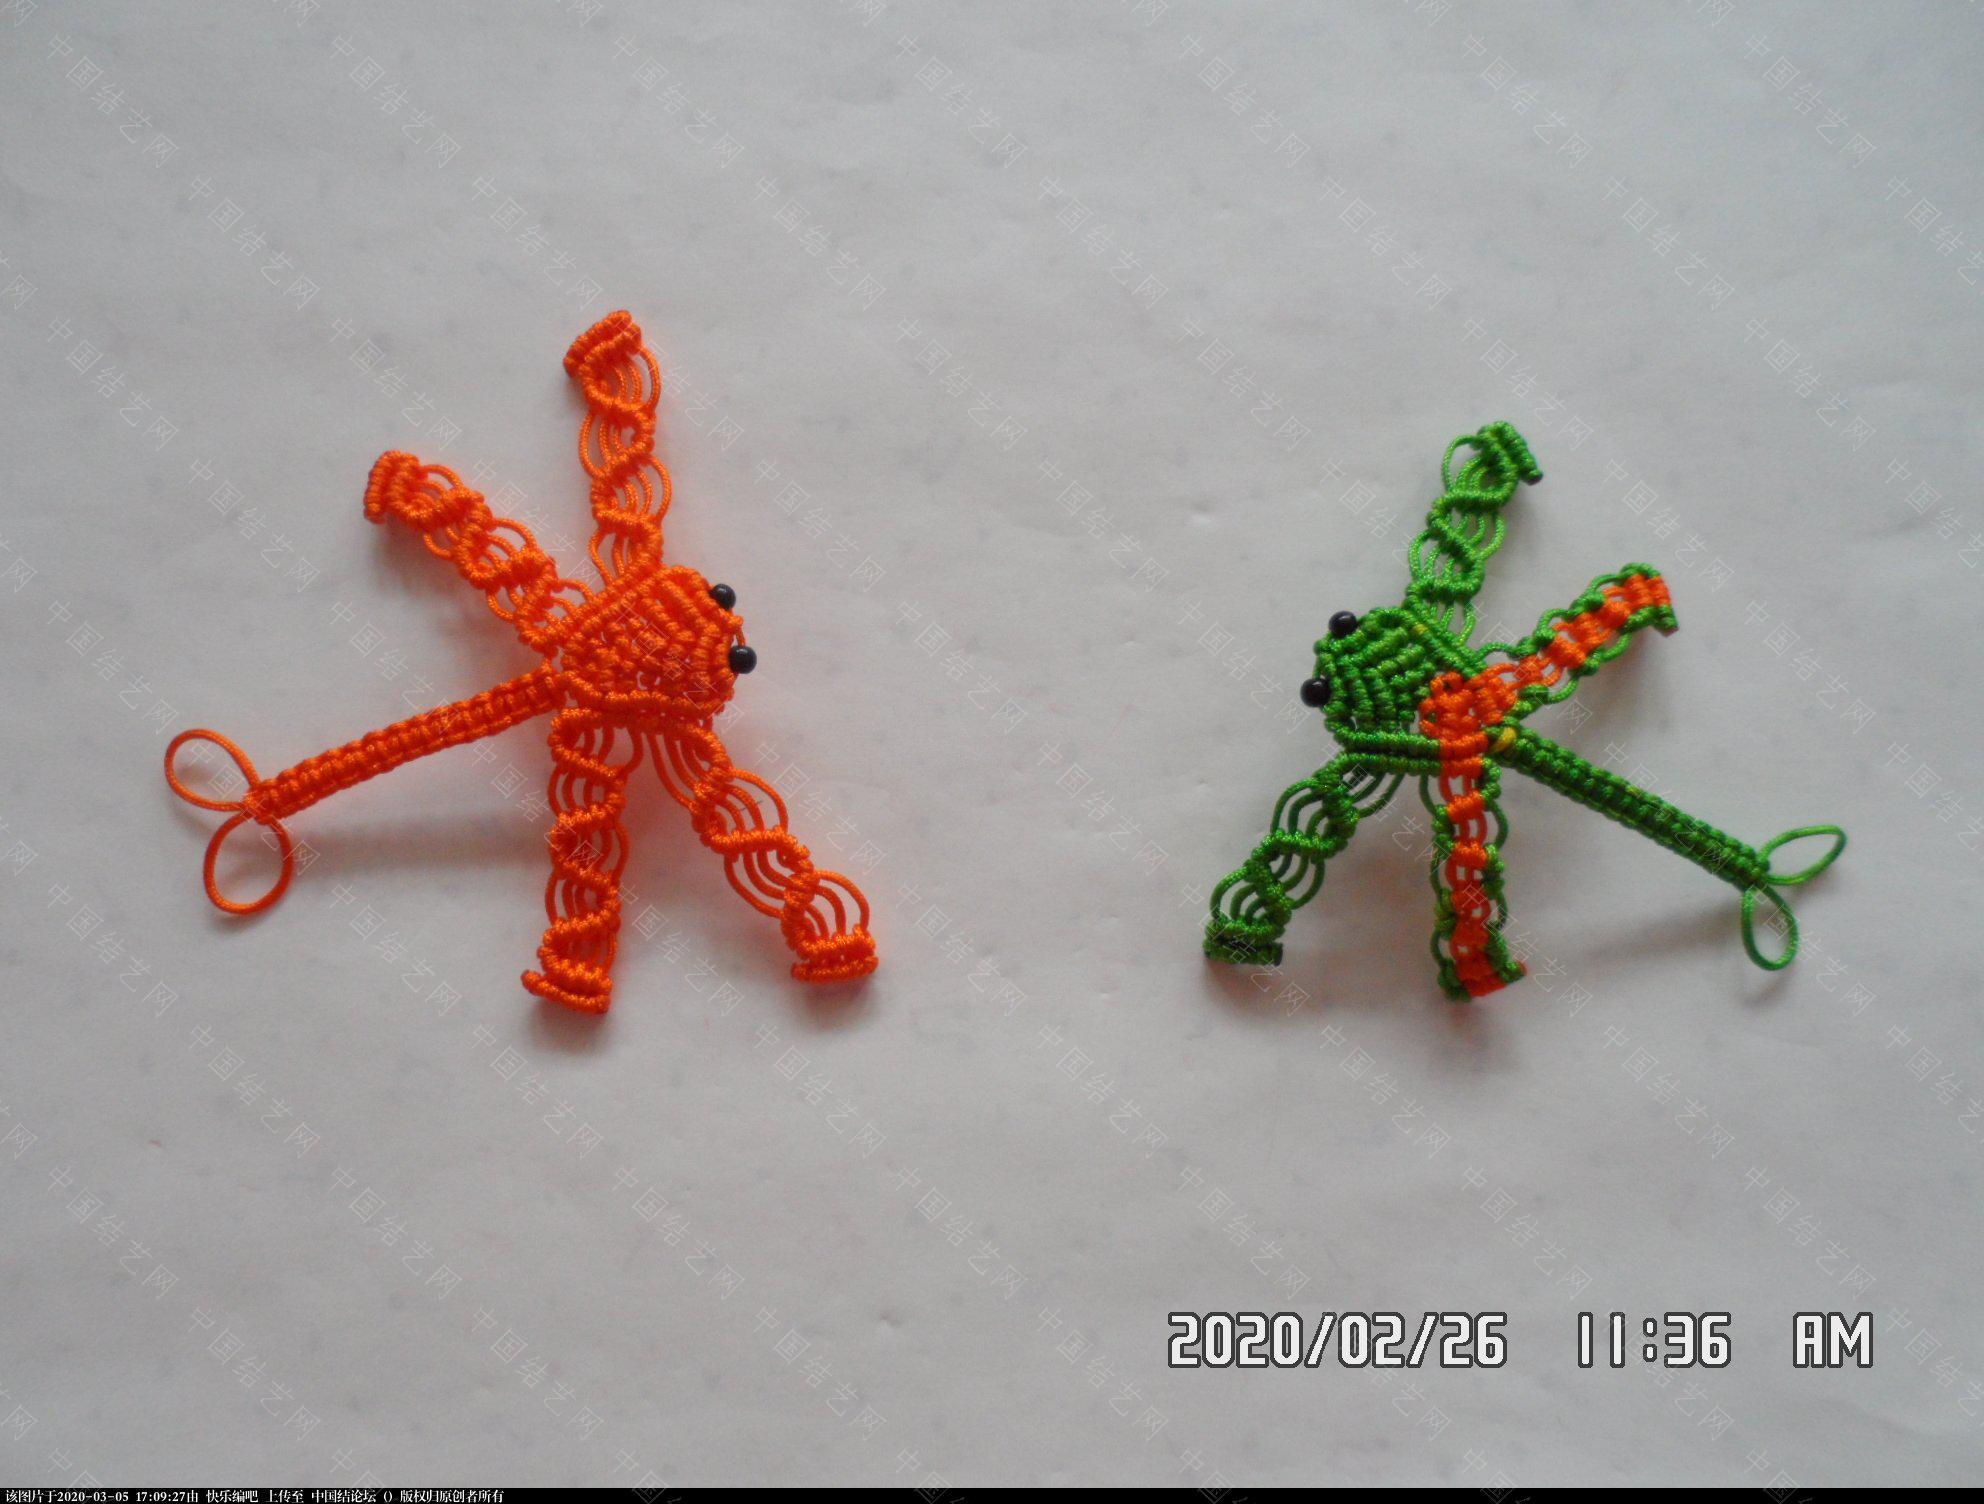 中国结论坛 一款蜻蜓书签的编法 —— 四种基本结组合练习 教程,最好的,珠子,方便,书中 图文教程区 143052bt7t2h97b92bhhlu